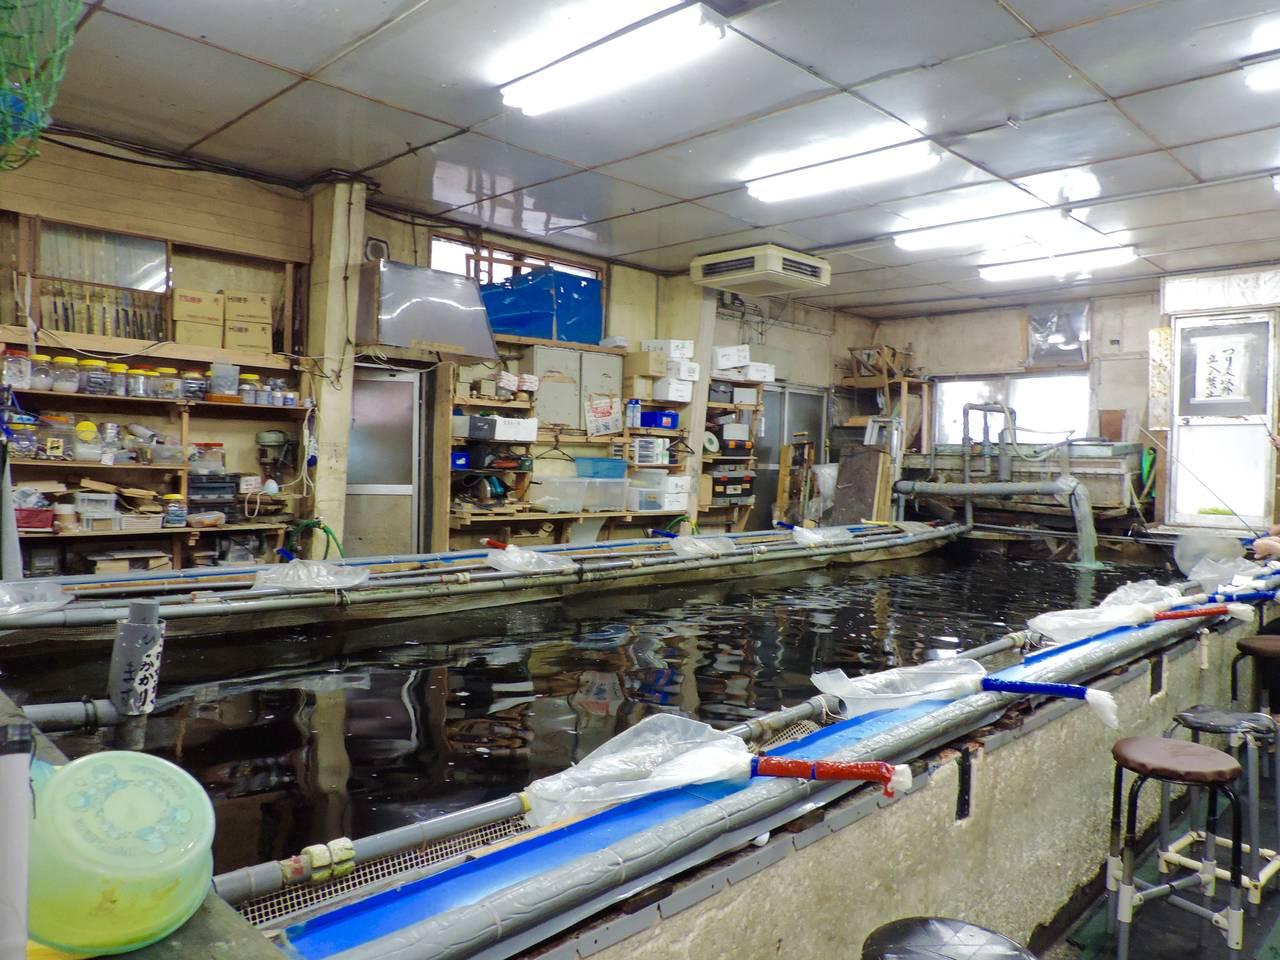 【東京】昔ながらの雰囲気に包まれ釣り体験「つりぼり金ちゃん」